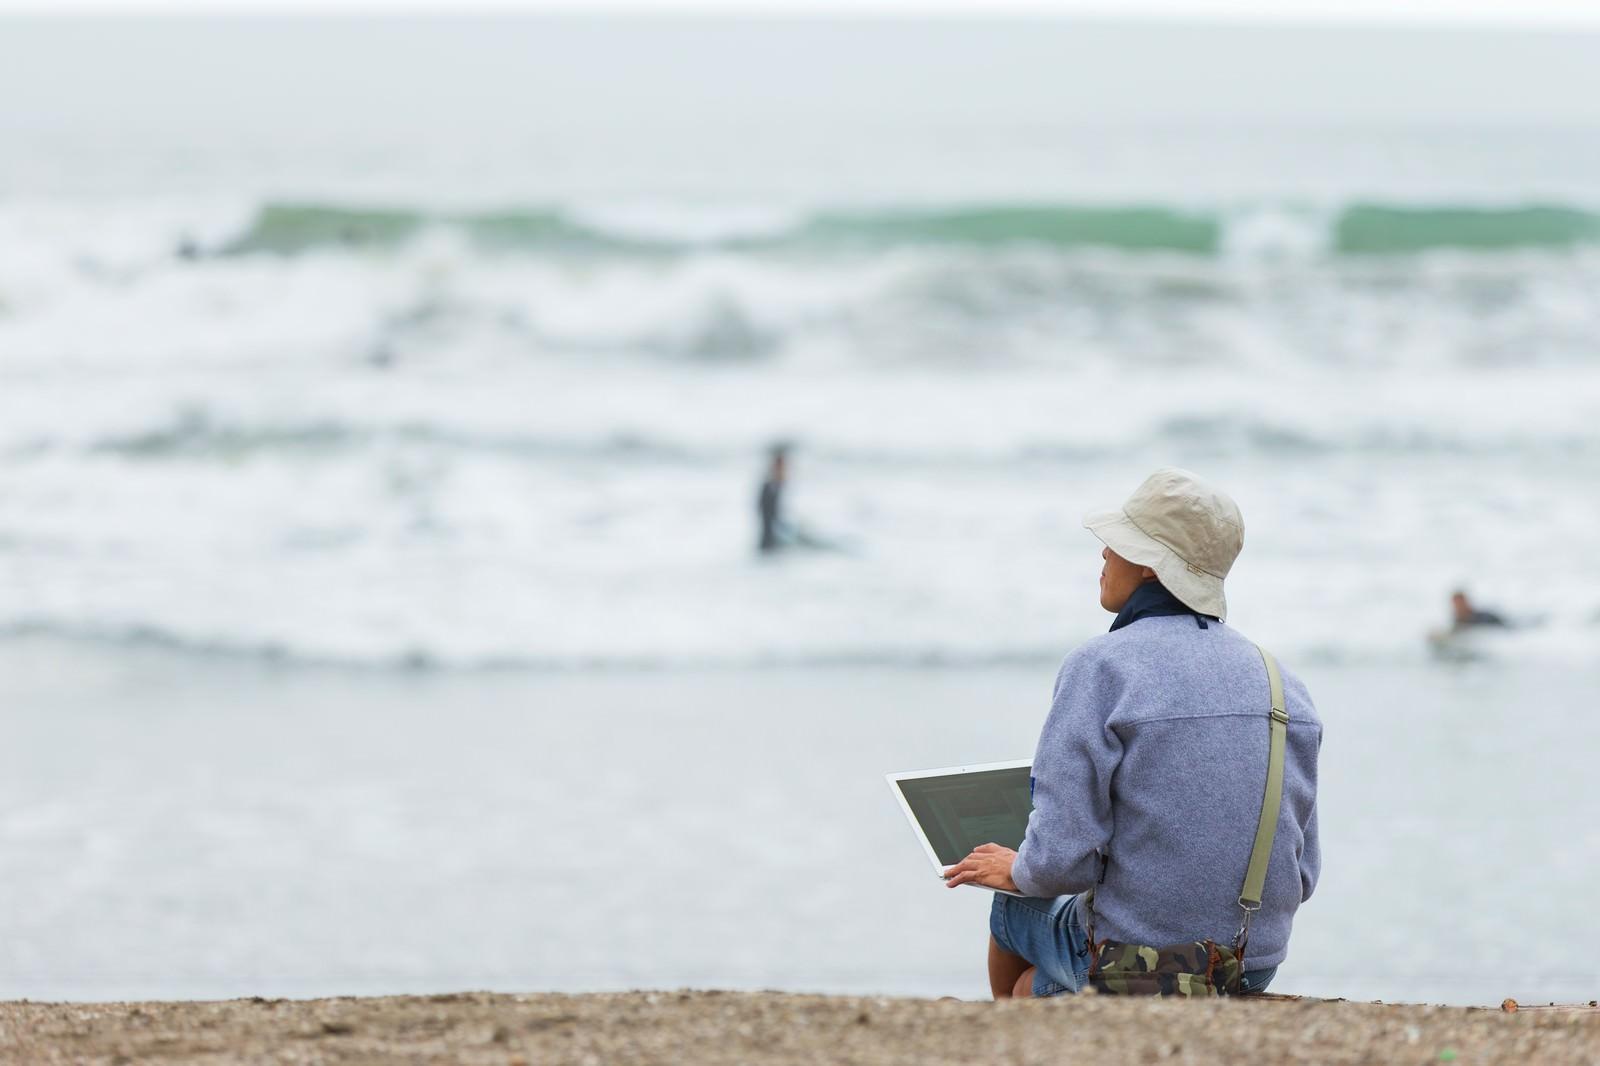 「サーファーの同僚に海へ連れて行かれるも、まわりの雰囲気に溶け込めずコーディングをはじめてしまうデザイナー」の写真